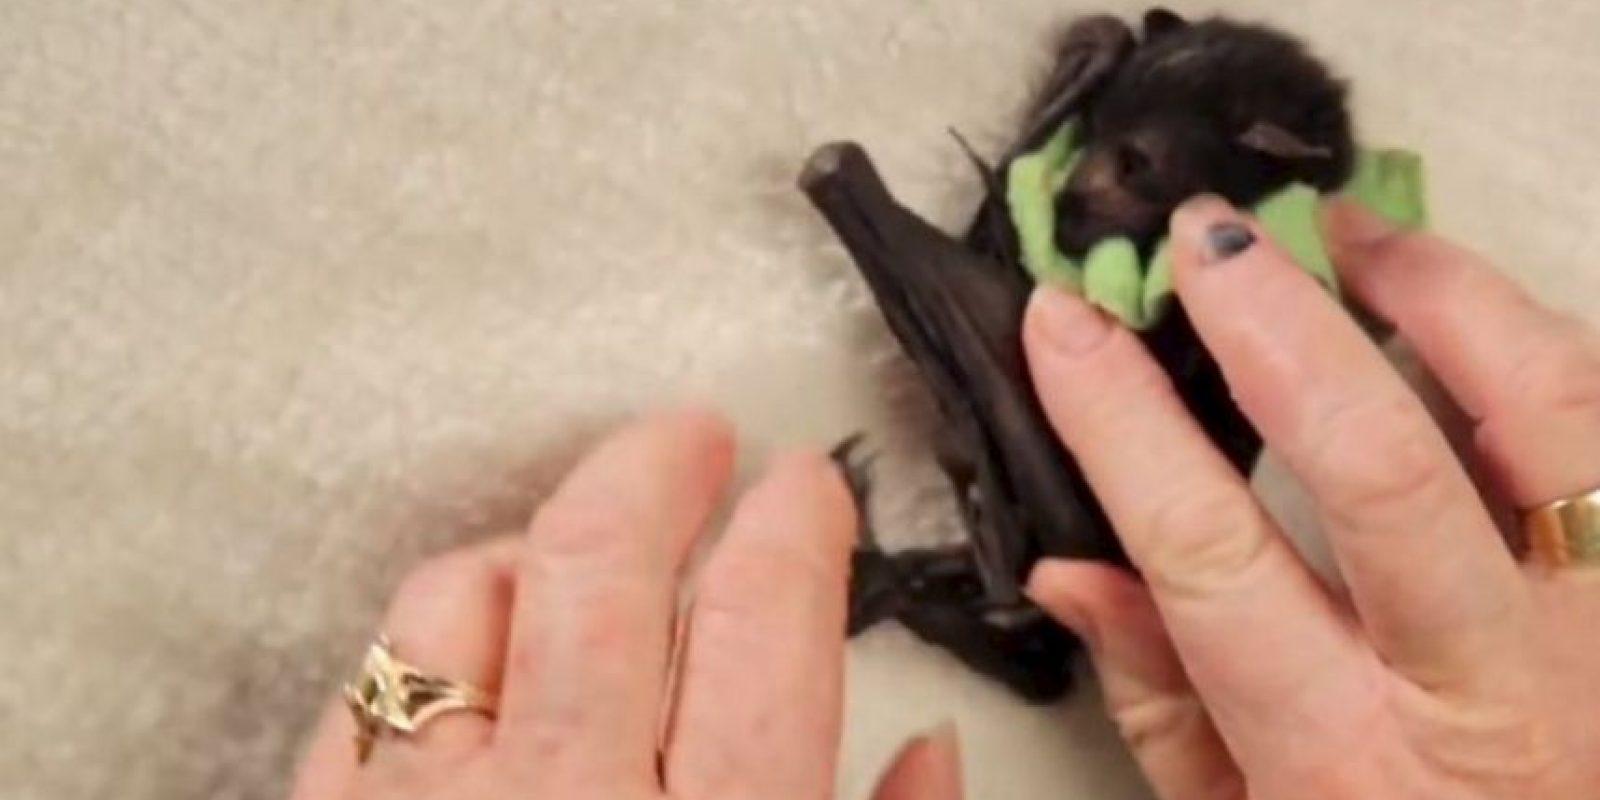 VIDEO: ¡Qué ternura! Así cuidan a estos bebés murciélago en Australia Se encarga de los animalitos que ya no pueden alimentarse. Foto:vía Wakaleo/Youtube